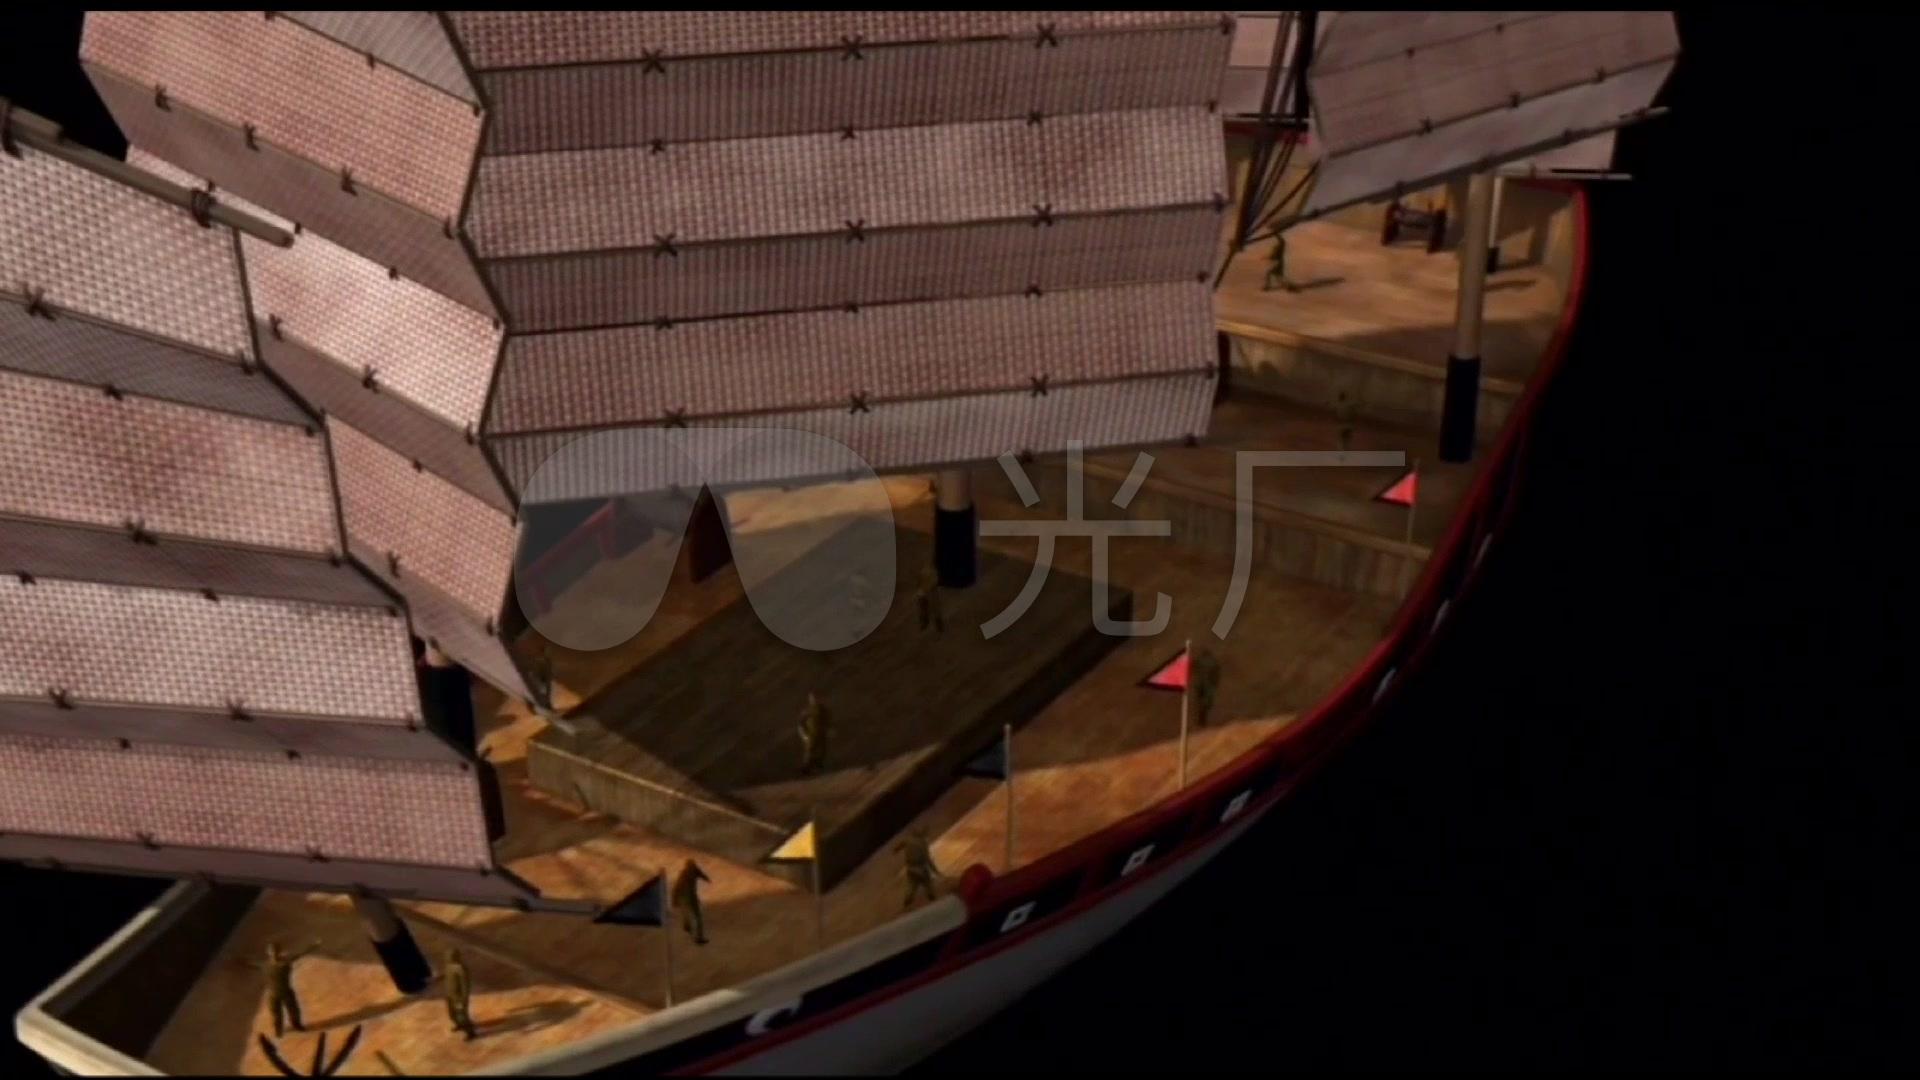 三维动画古代郑和下西洋宝船结构内部构造